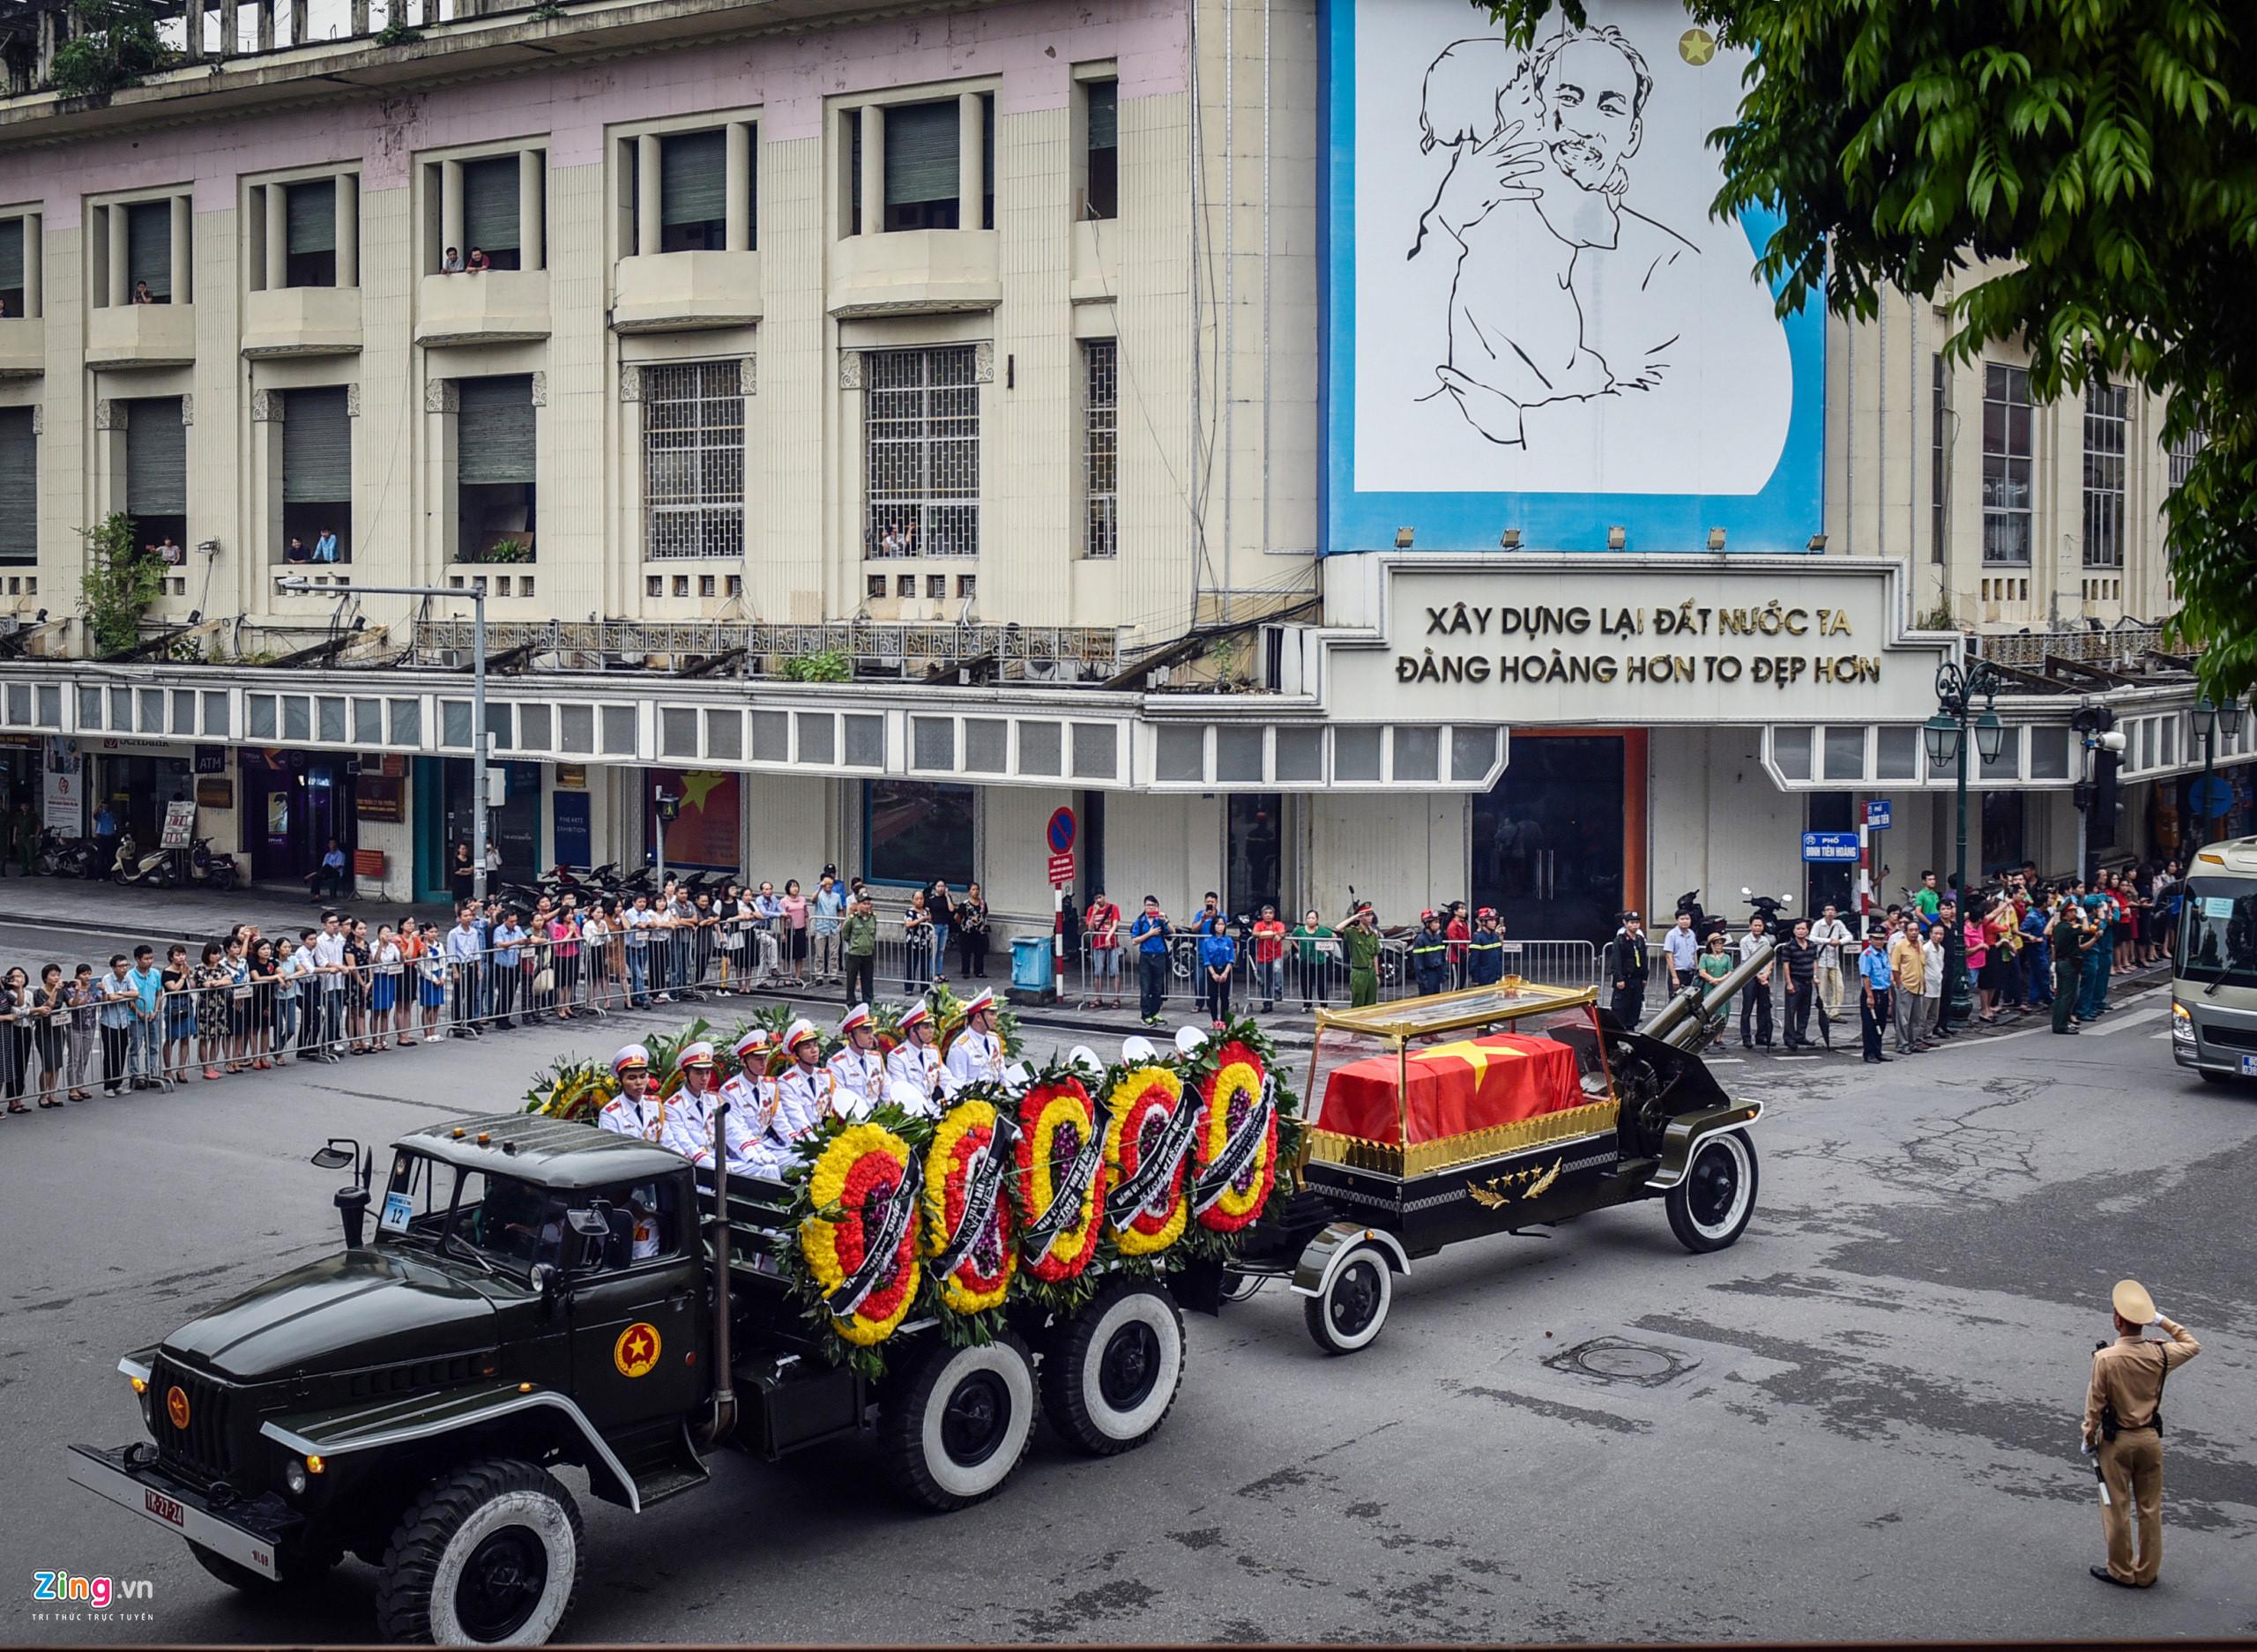 Số lượng xe phải đảm bảo để phục vụ Lễ Quốc tang và Lễ tang cấp nhà nước